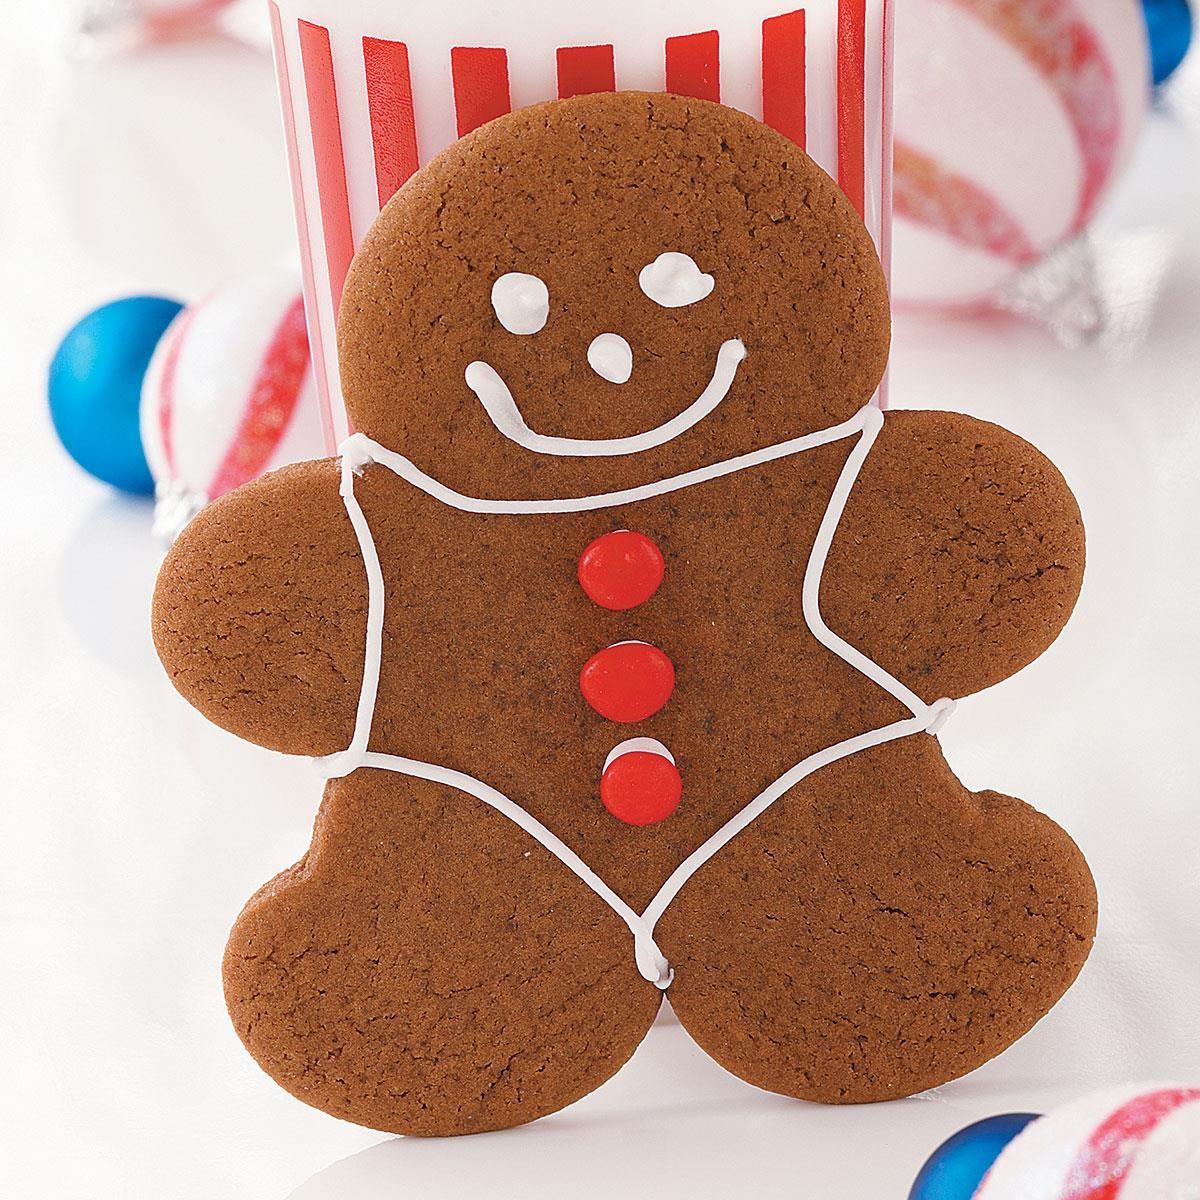 Chocolate Gingerbread Cookies Recipe | Taste of Home